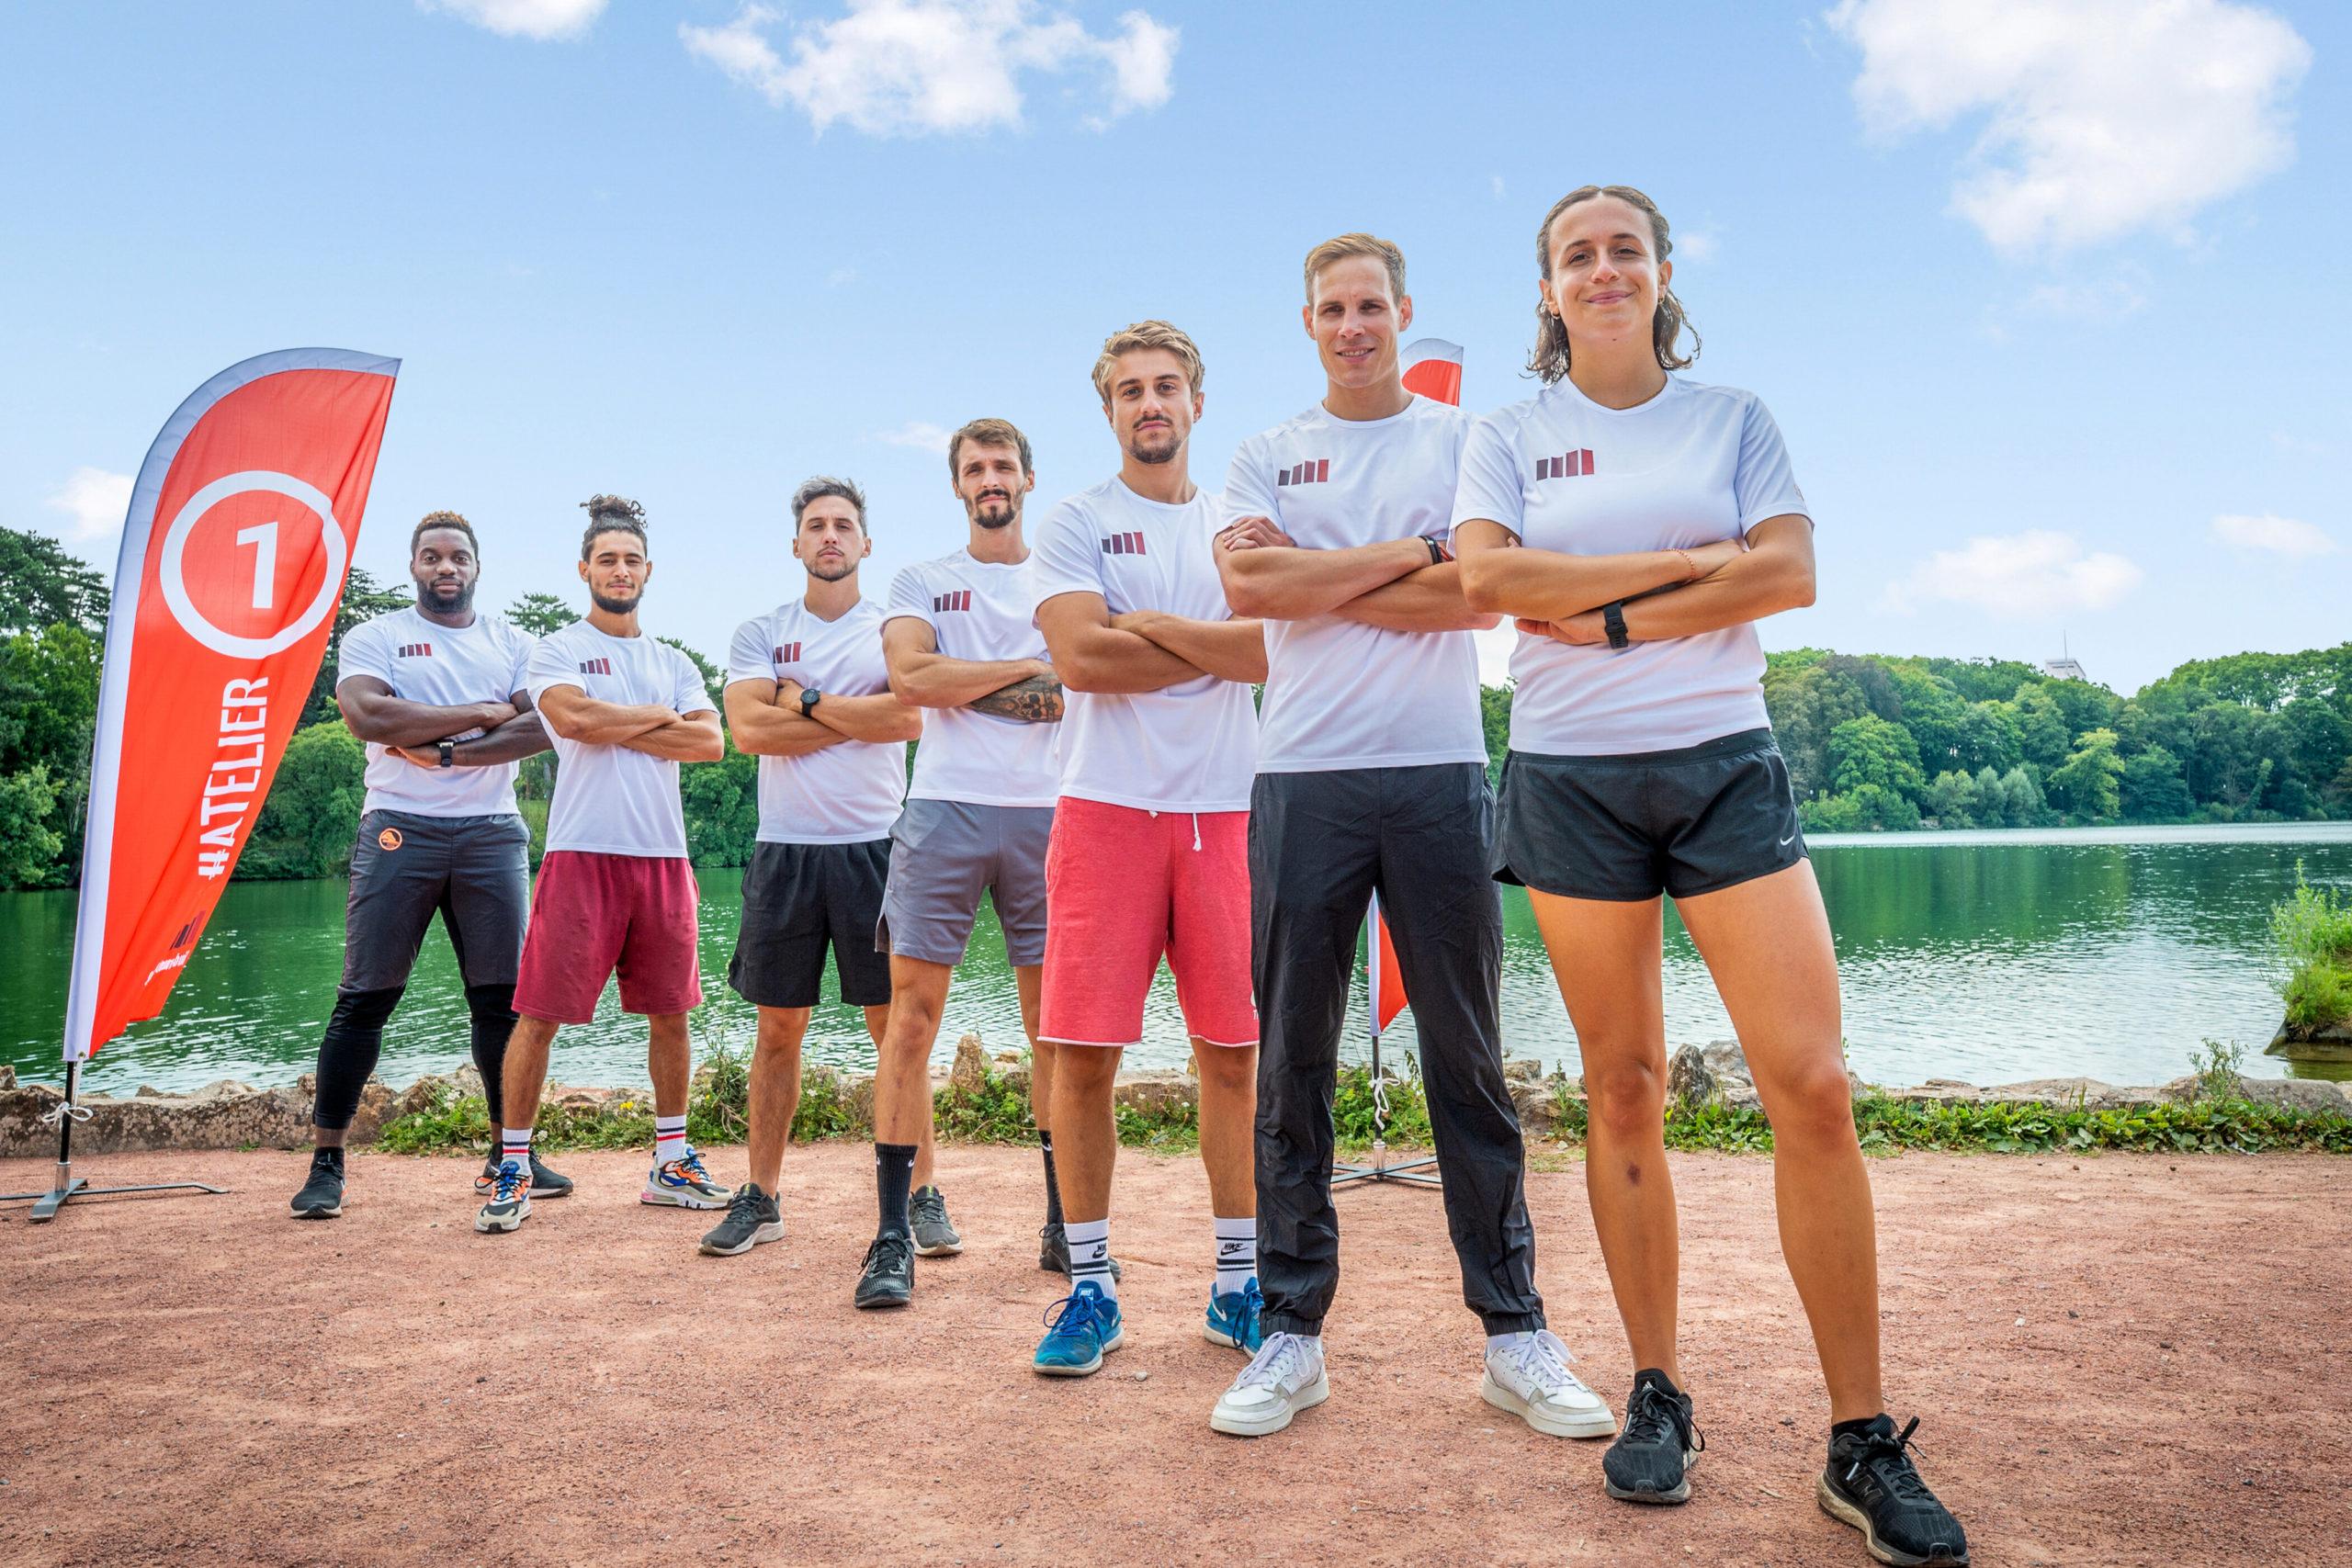 sport team building, spécialiste de l'évènementiel sportif